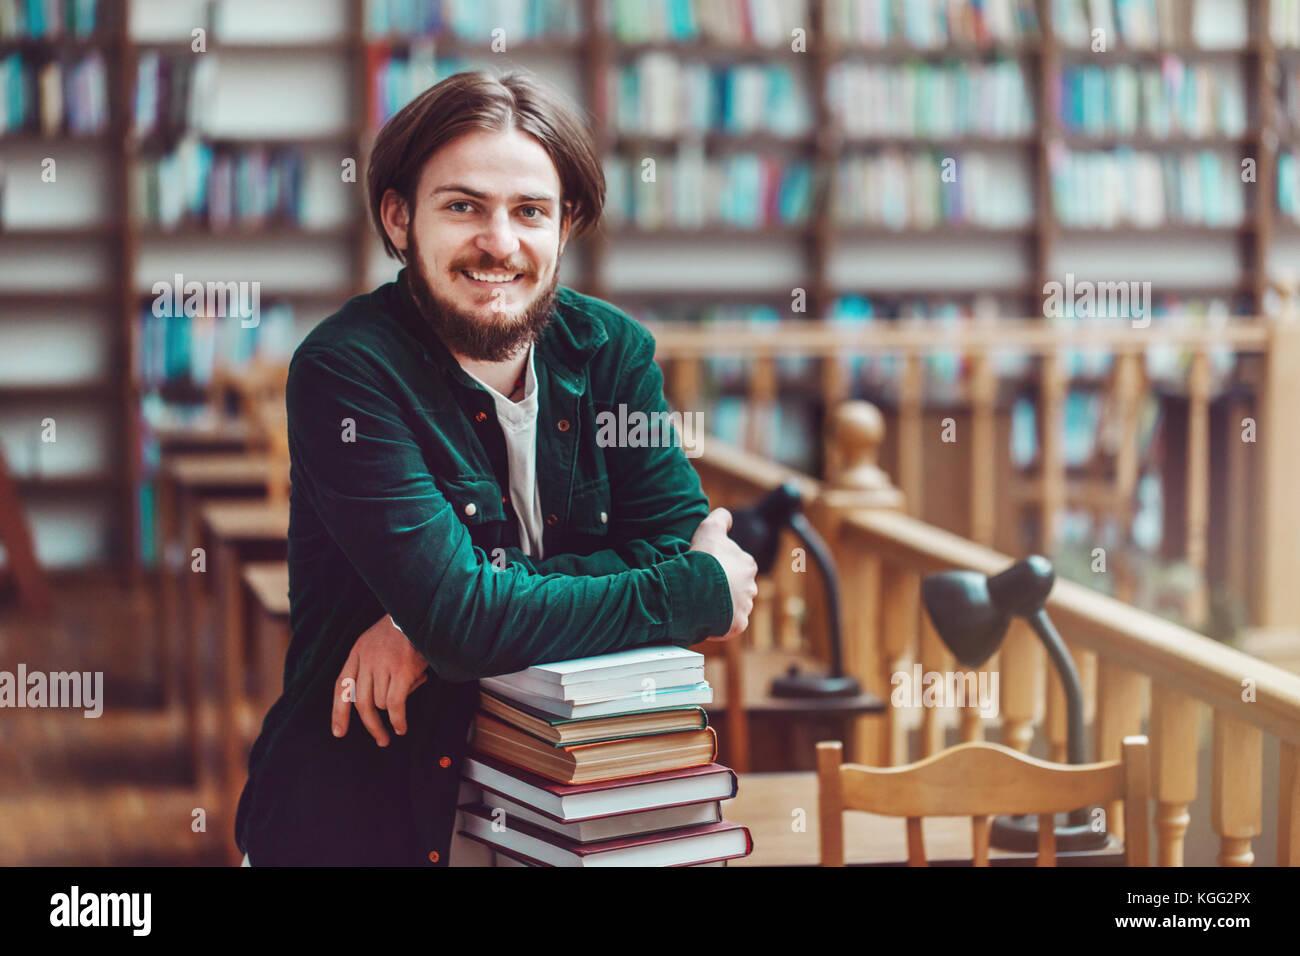 Studieren in Bibliothek Stockfoto